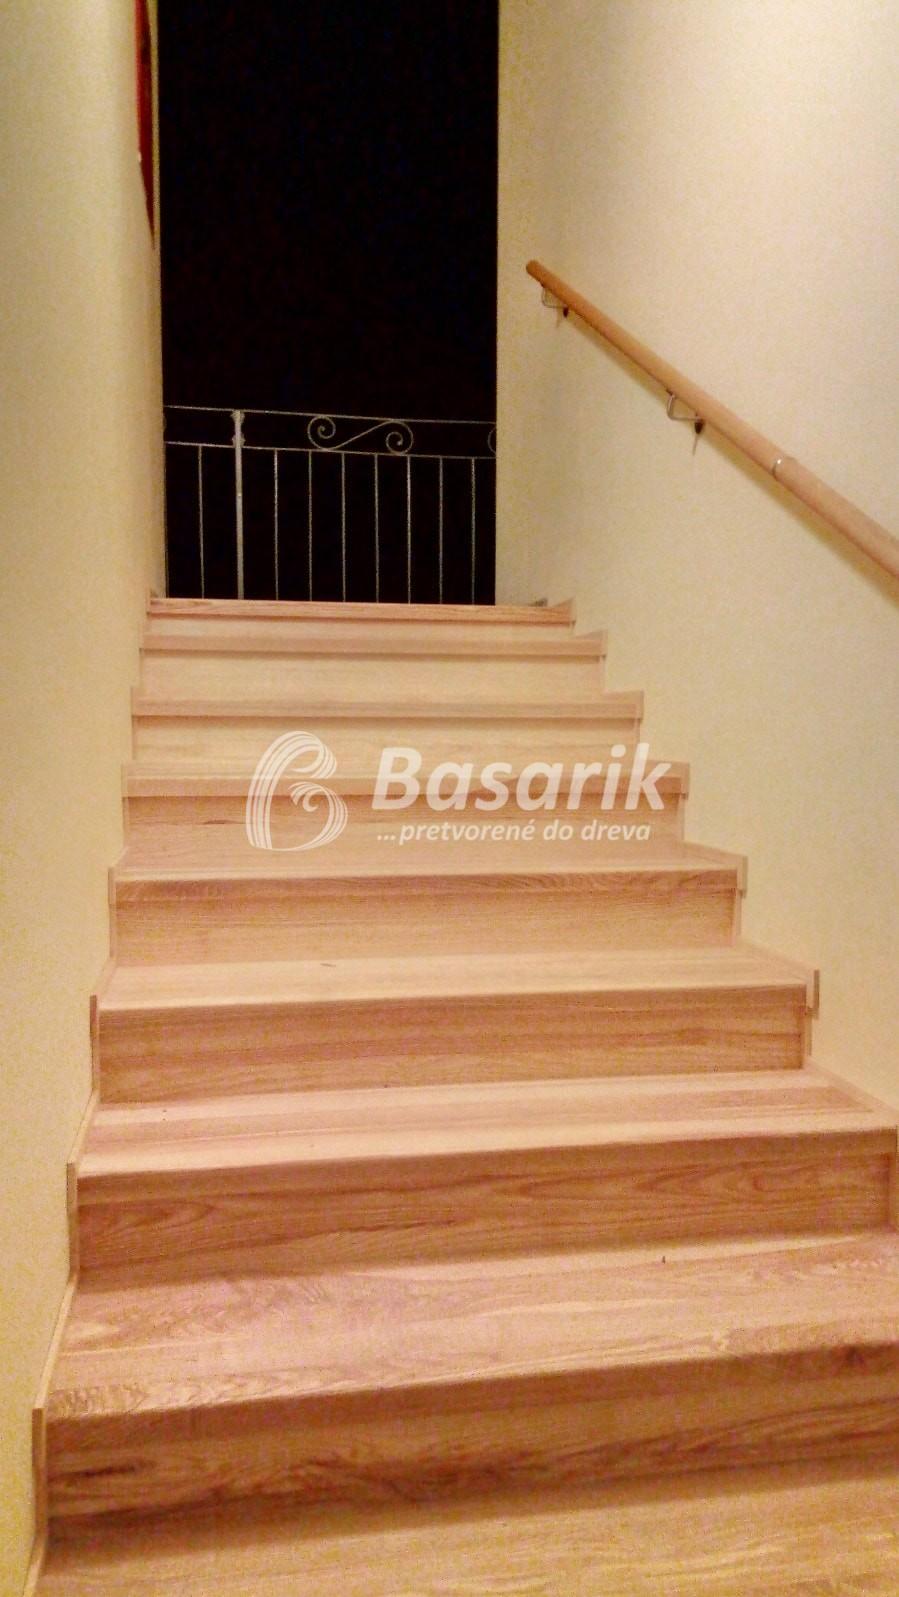 schody renovácia